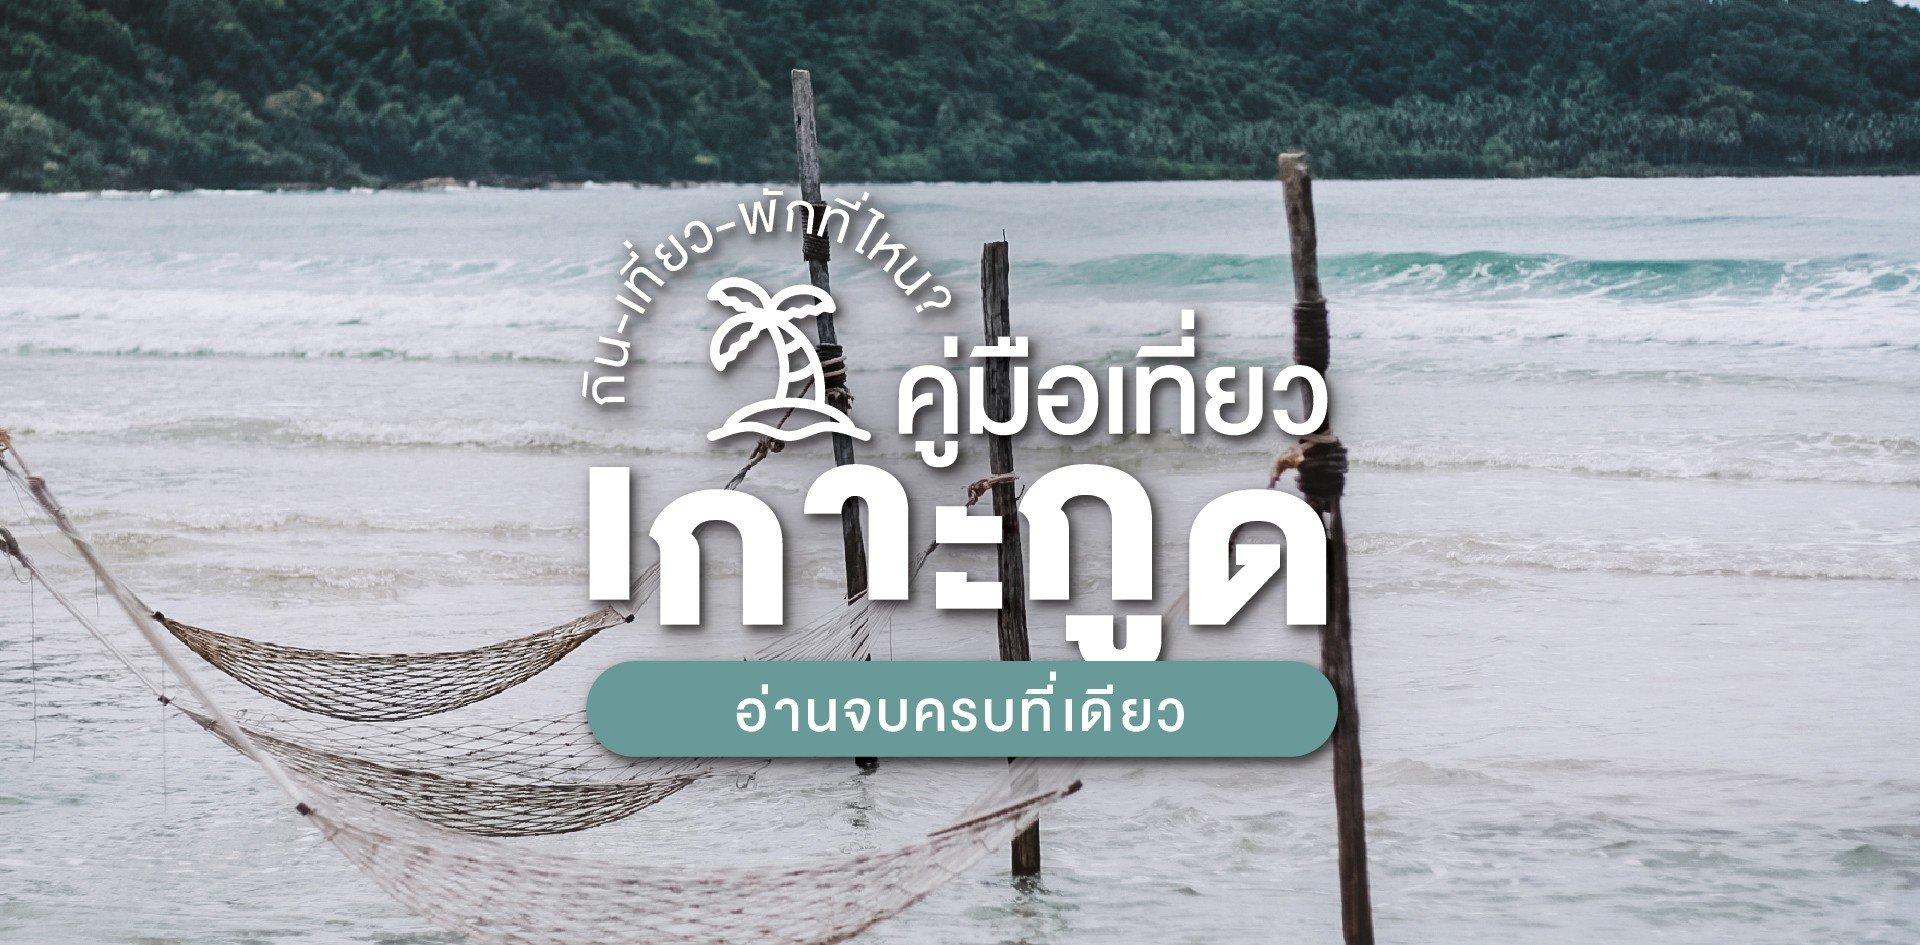 คู่มือเที่ยวเกาะกูด กิน-เที่ยว-พักที่ไหน? อ่านได้จบ ครบในที่เดียว!